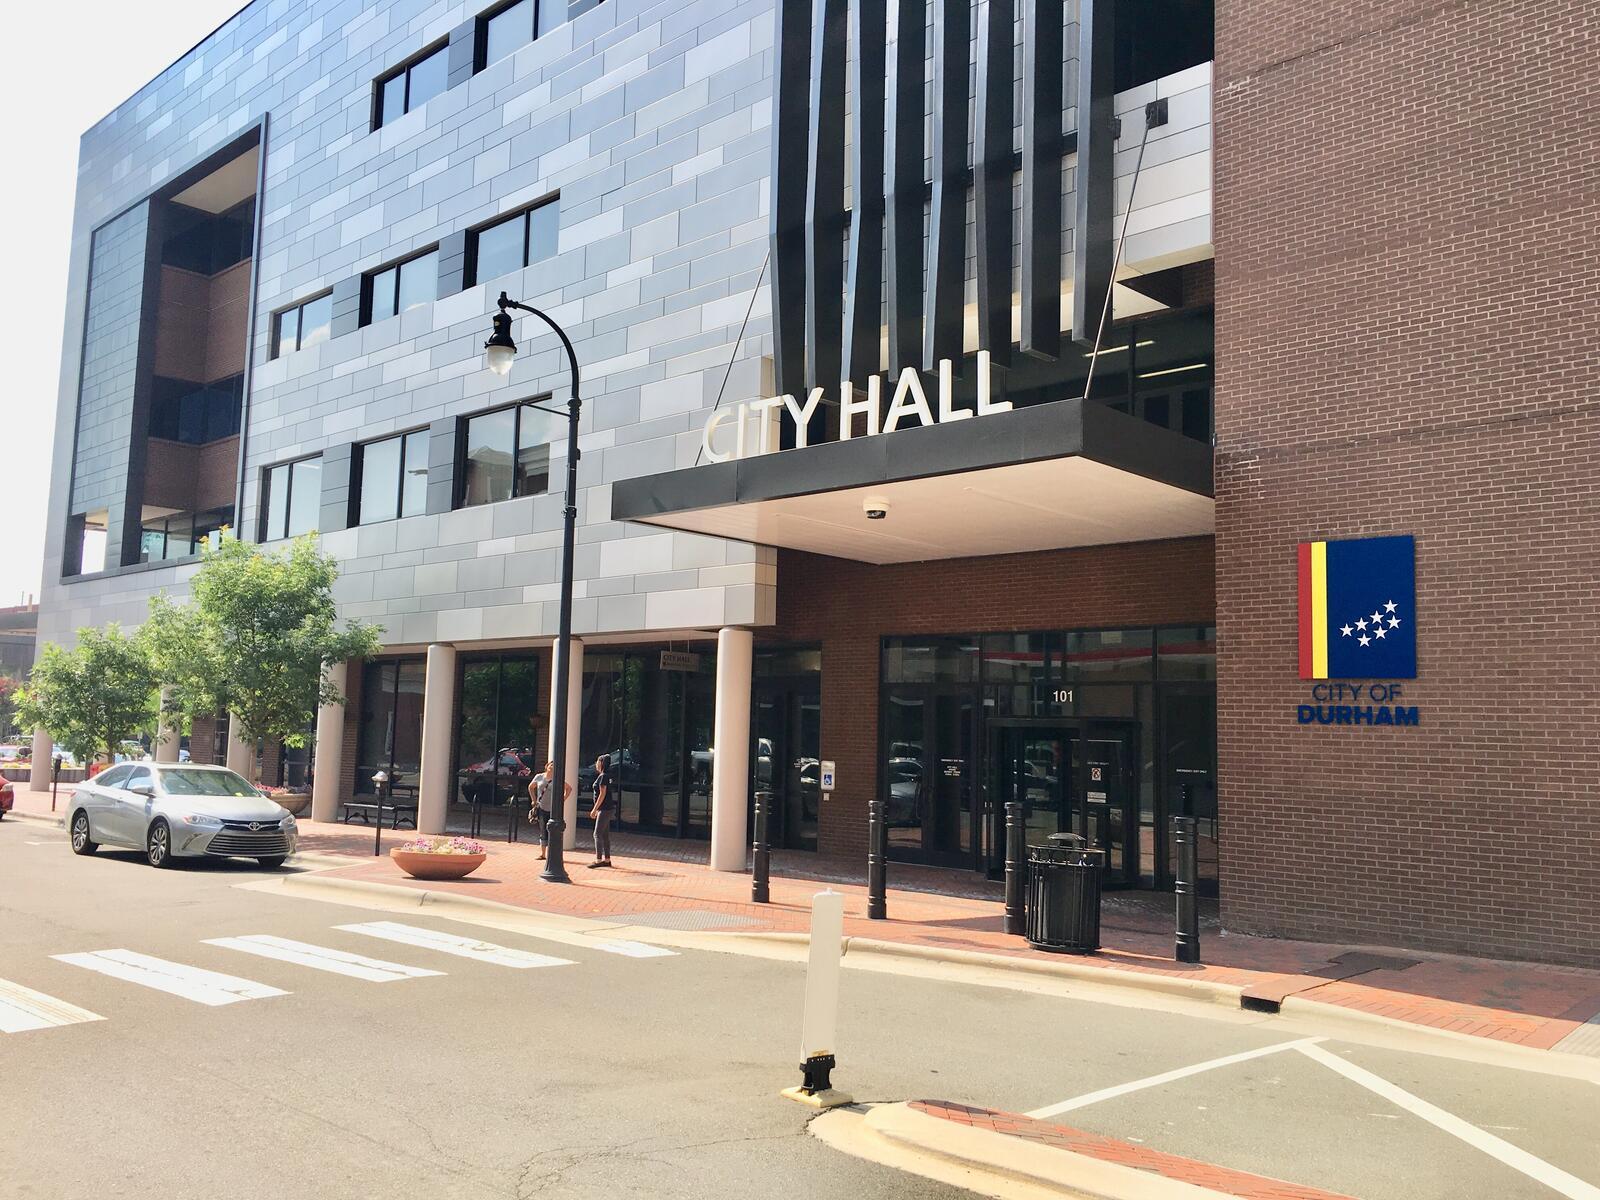 City of Durham - 242 updates &mdash